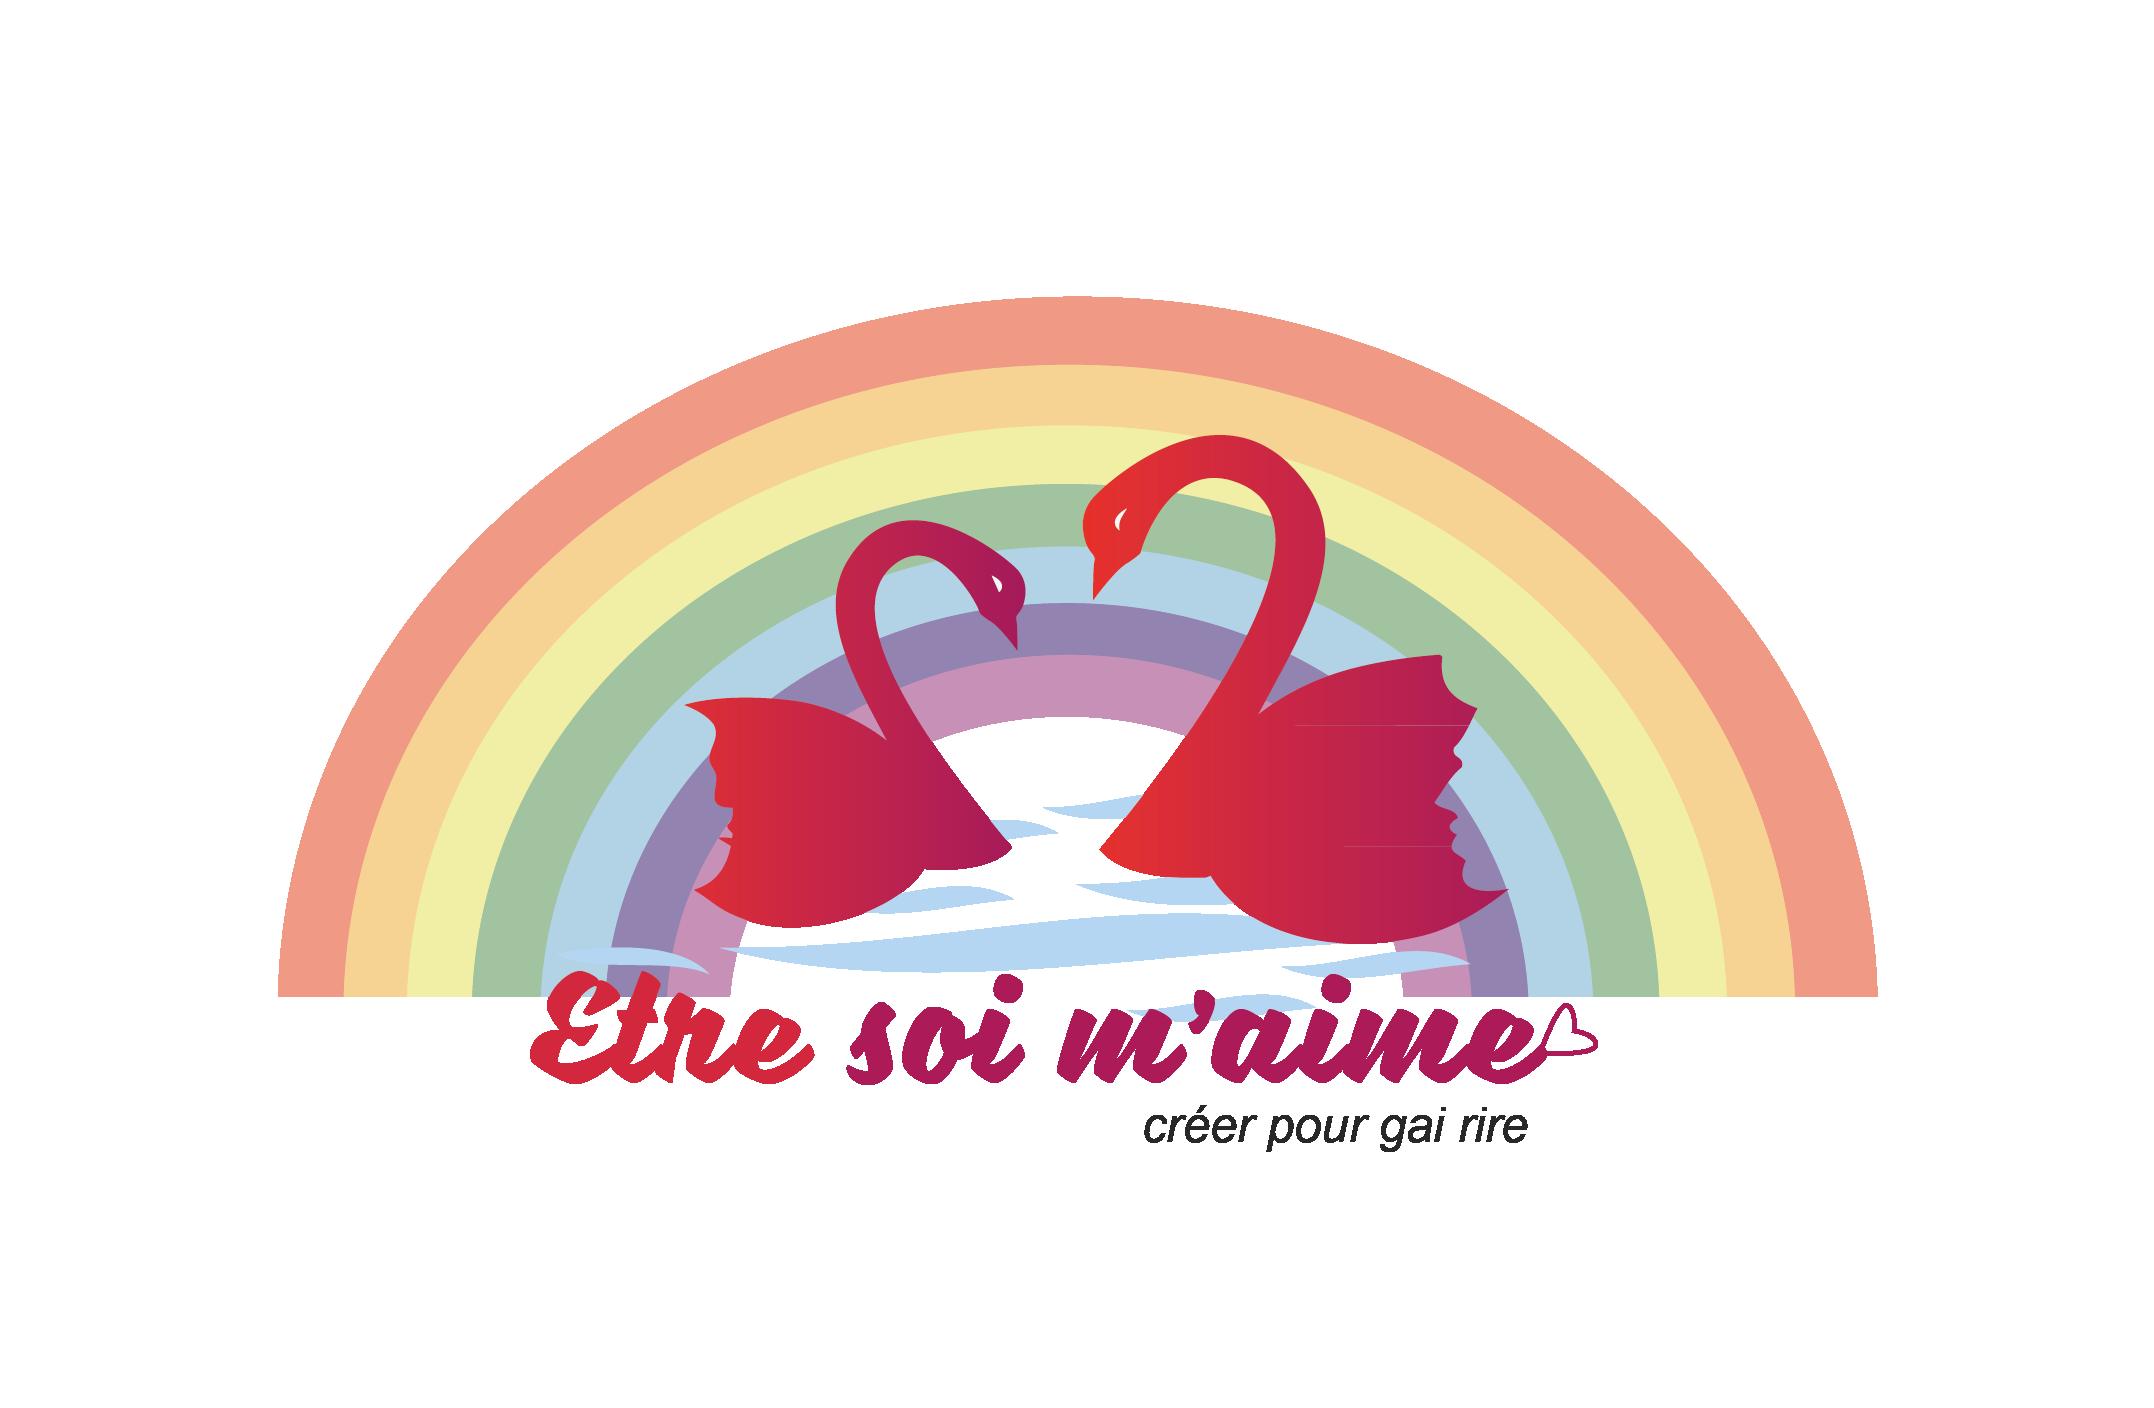 Etre soi m'aime logo